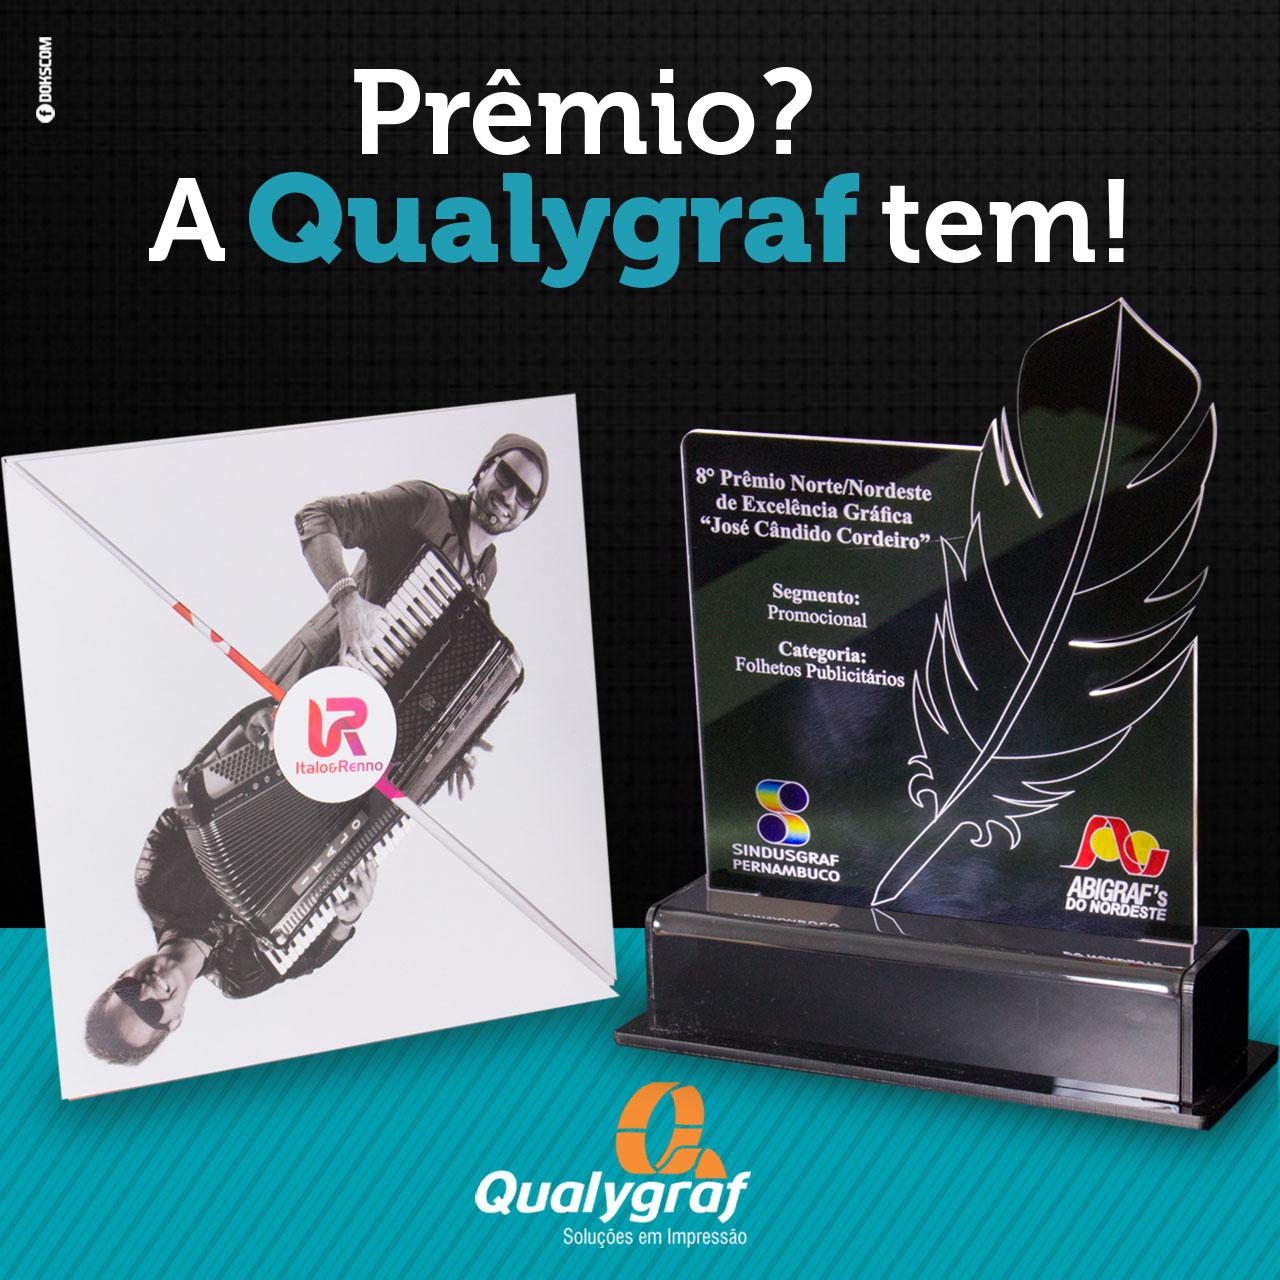 PREMIO-QUALYGRAF-ITALO-E-RENNO_02